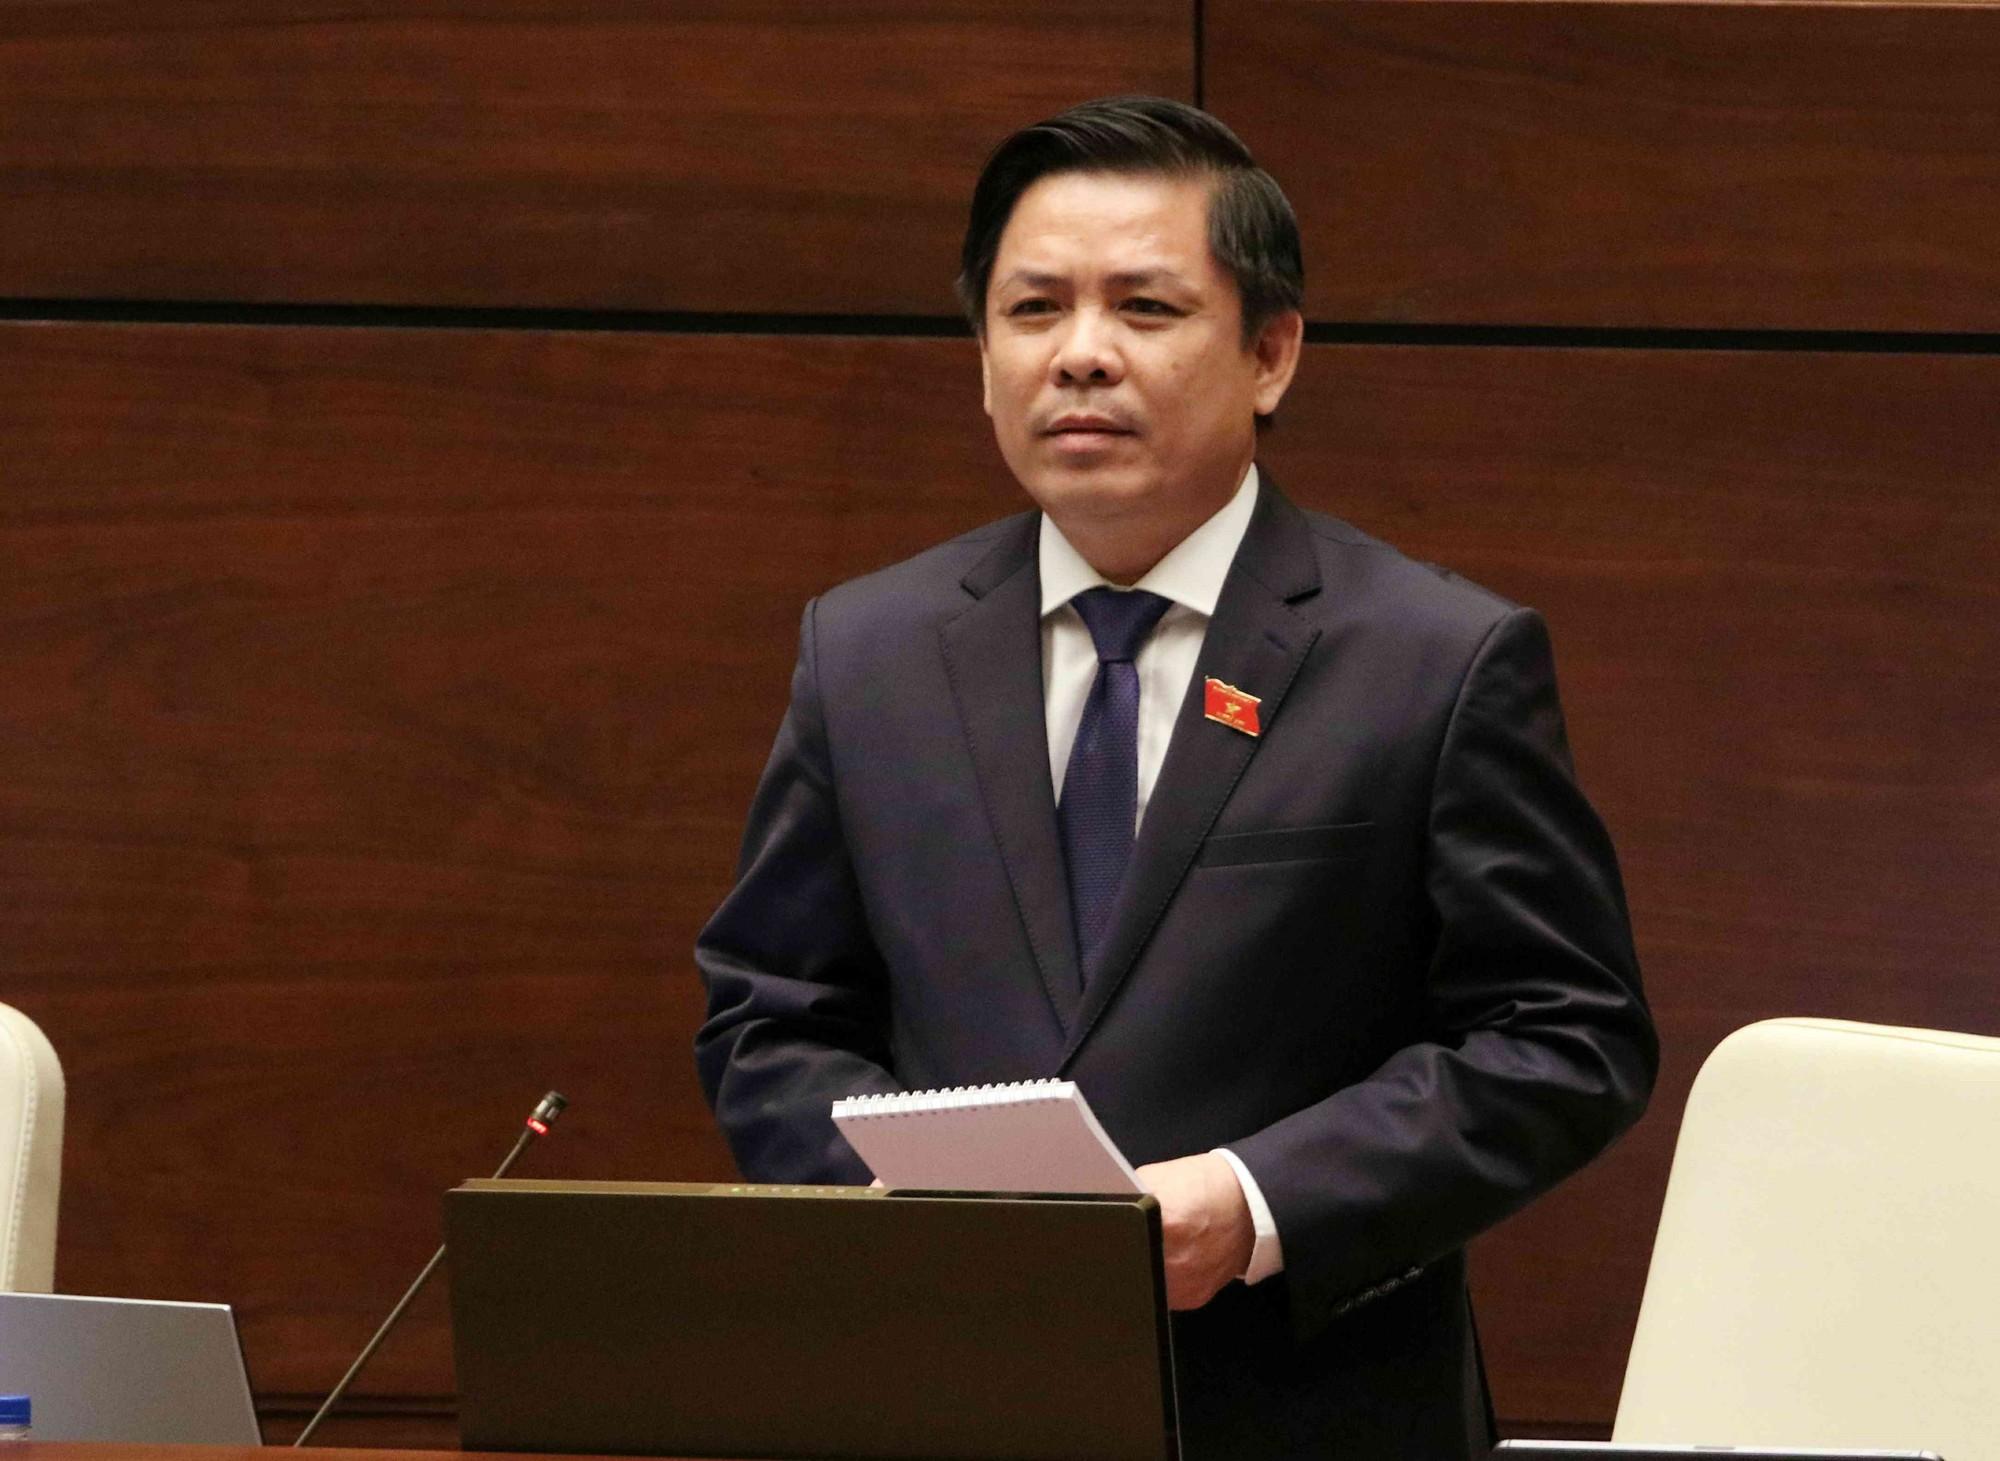 [Video] Bộ trưởng Nguyễn Văn Thể: Tổng thầu đường sắt Cát Linh - Hà Đông thiếu kinh nghiệm vận hành - Ảnh 3.